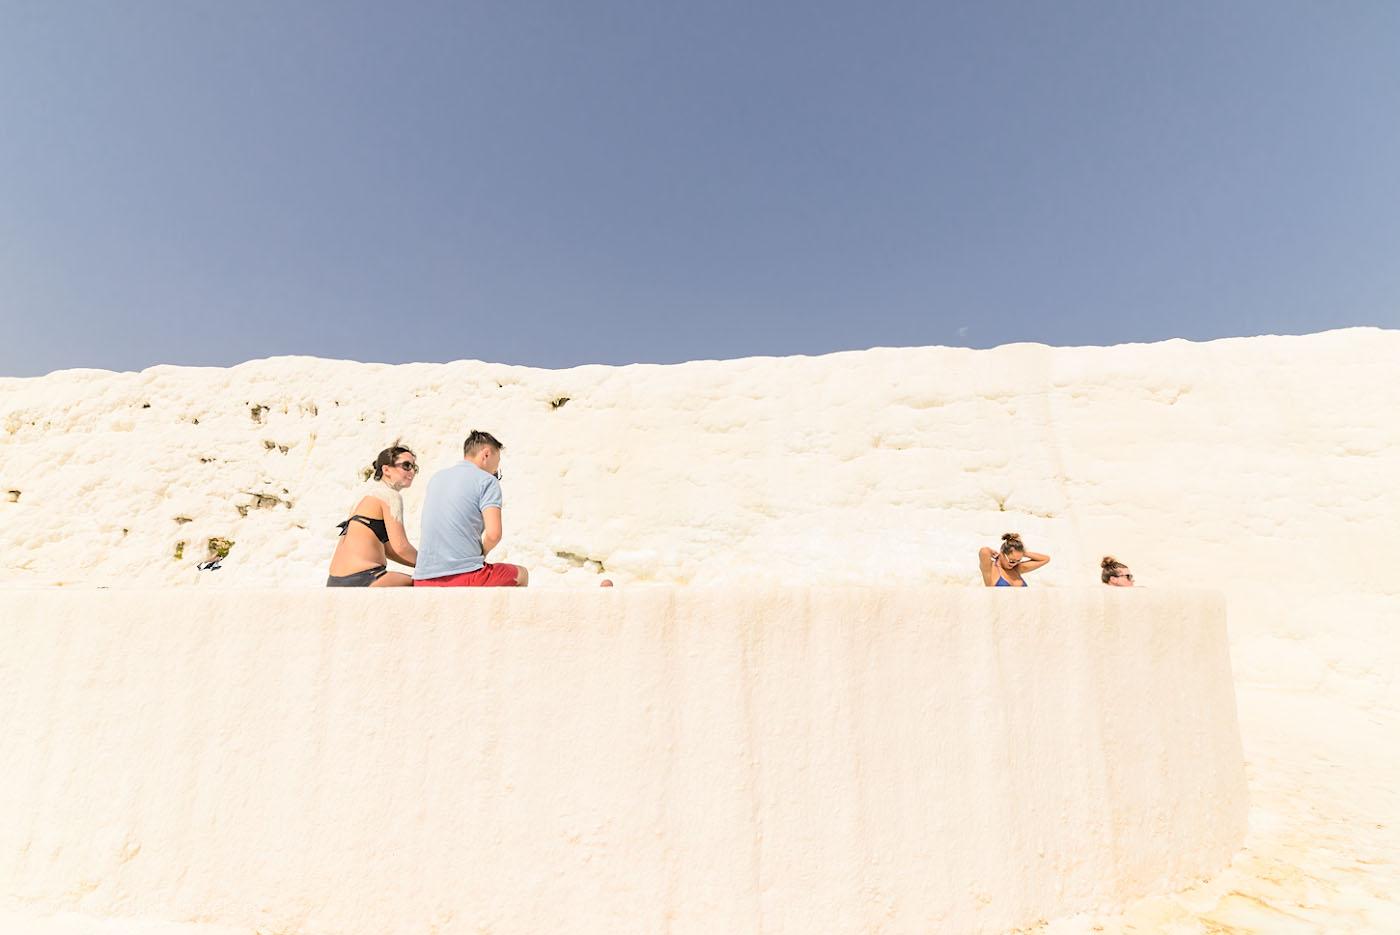 Фотография 12. Как они переносят жару без головного убора, не представляю? Отзывы об экскурсии в Памуккале самостоятельно. Природные достопримечательности Турции. 1/200, 0.67, 8.0, 500, 14.